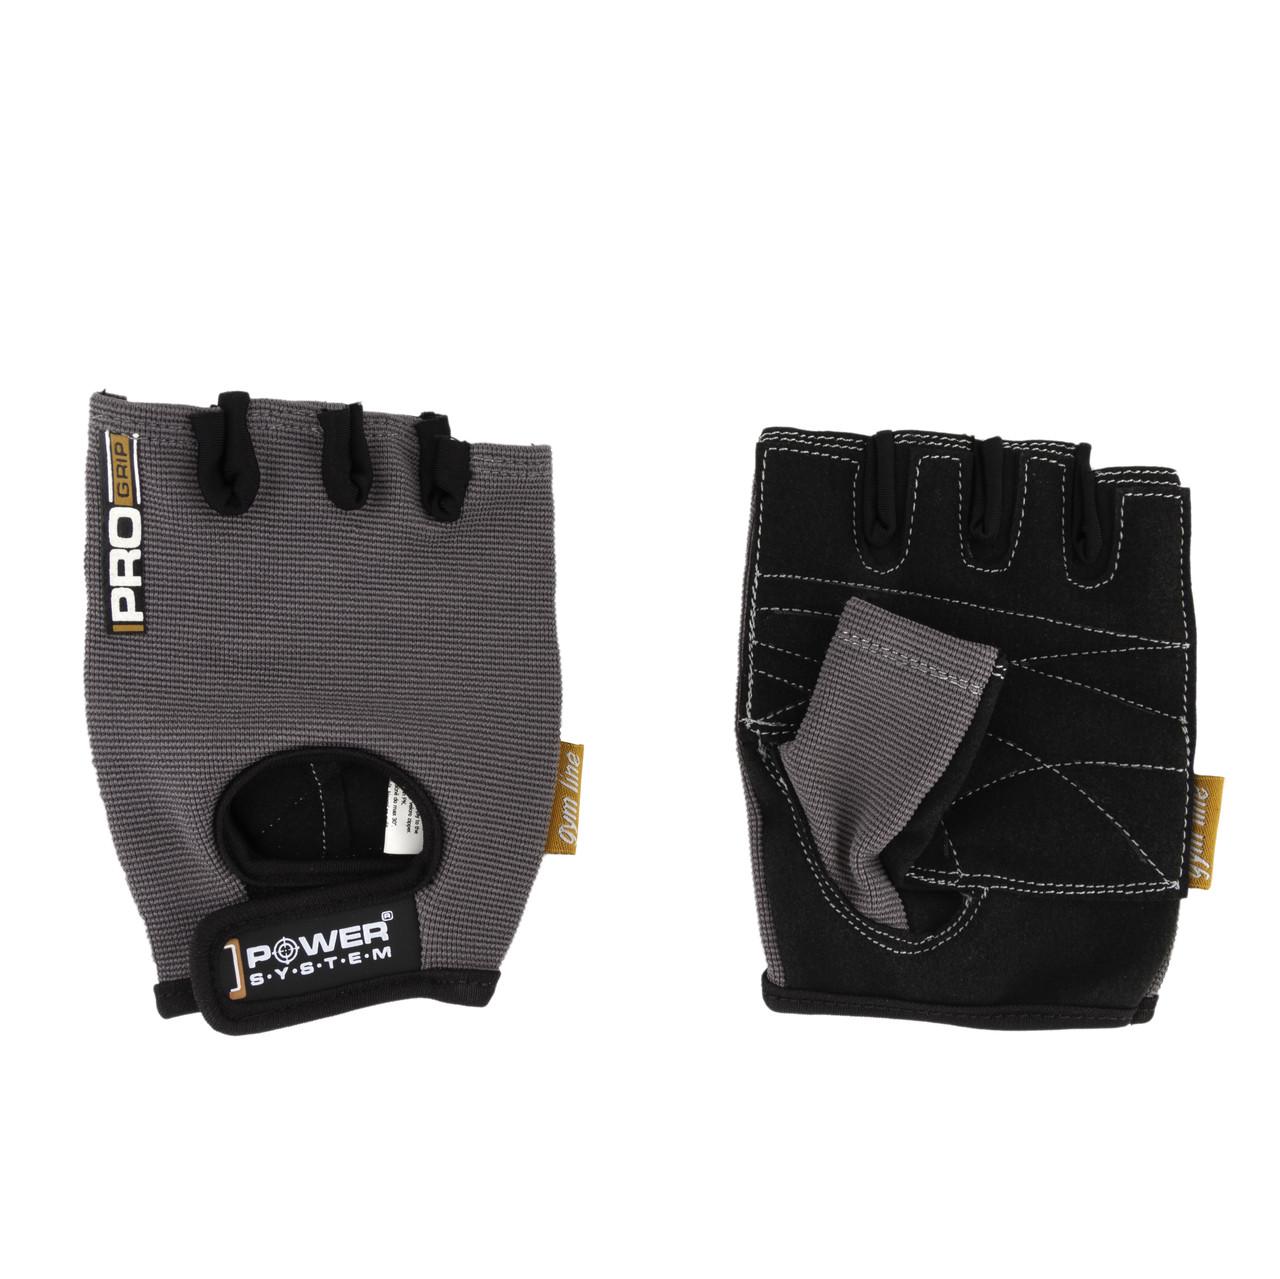 Перчатки атлетические для занятий в зале Pro Grip Power System  PS-2250, серые